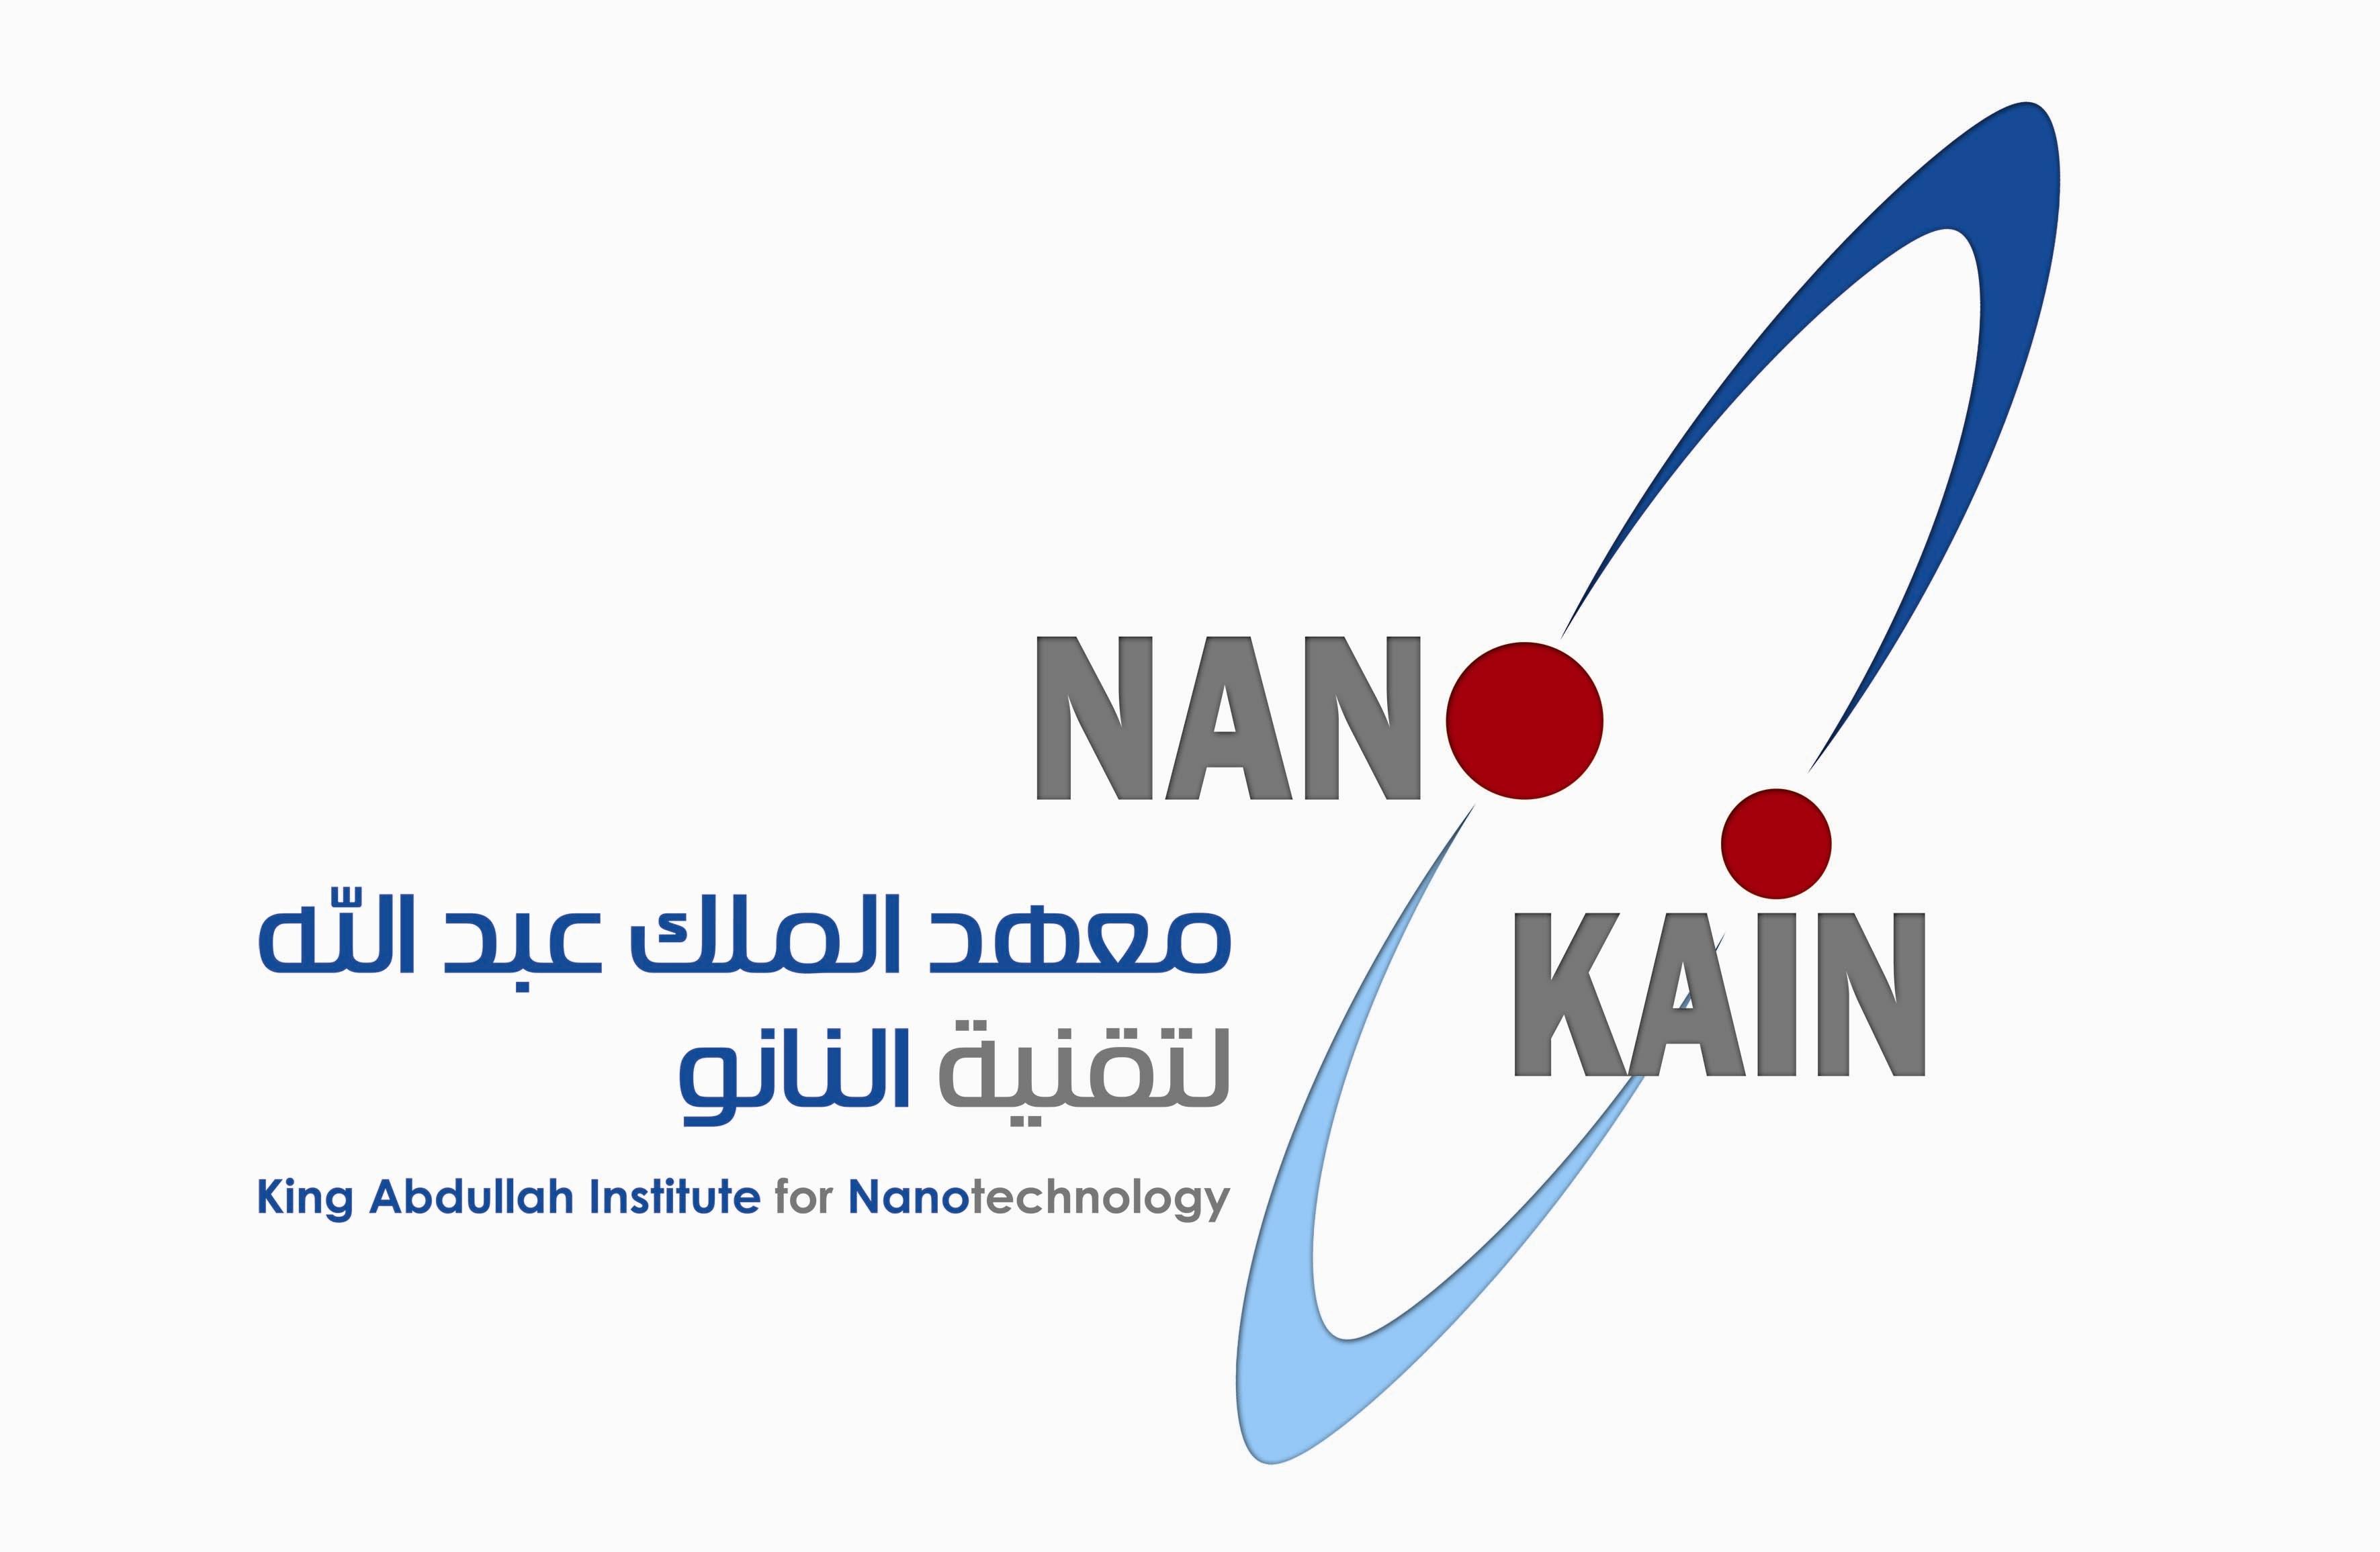 طالبات برنامج الطلبة المتفوقين والموهوبين يتعرفن على تقنية النانو